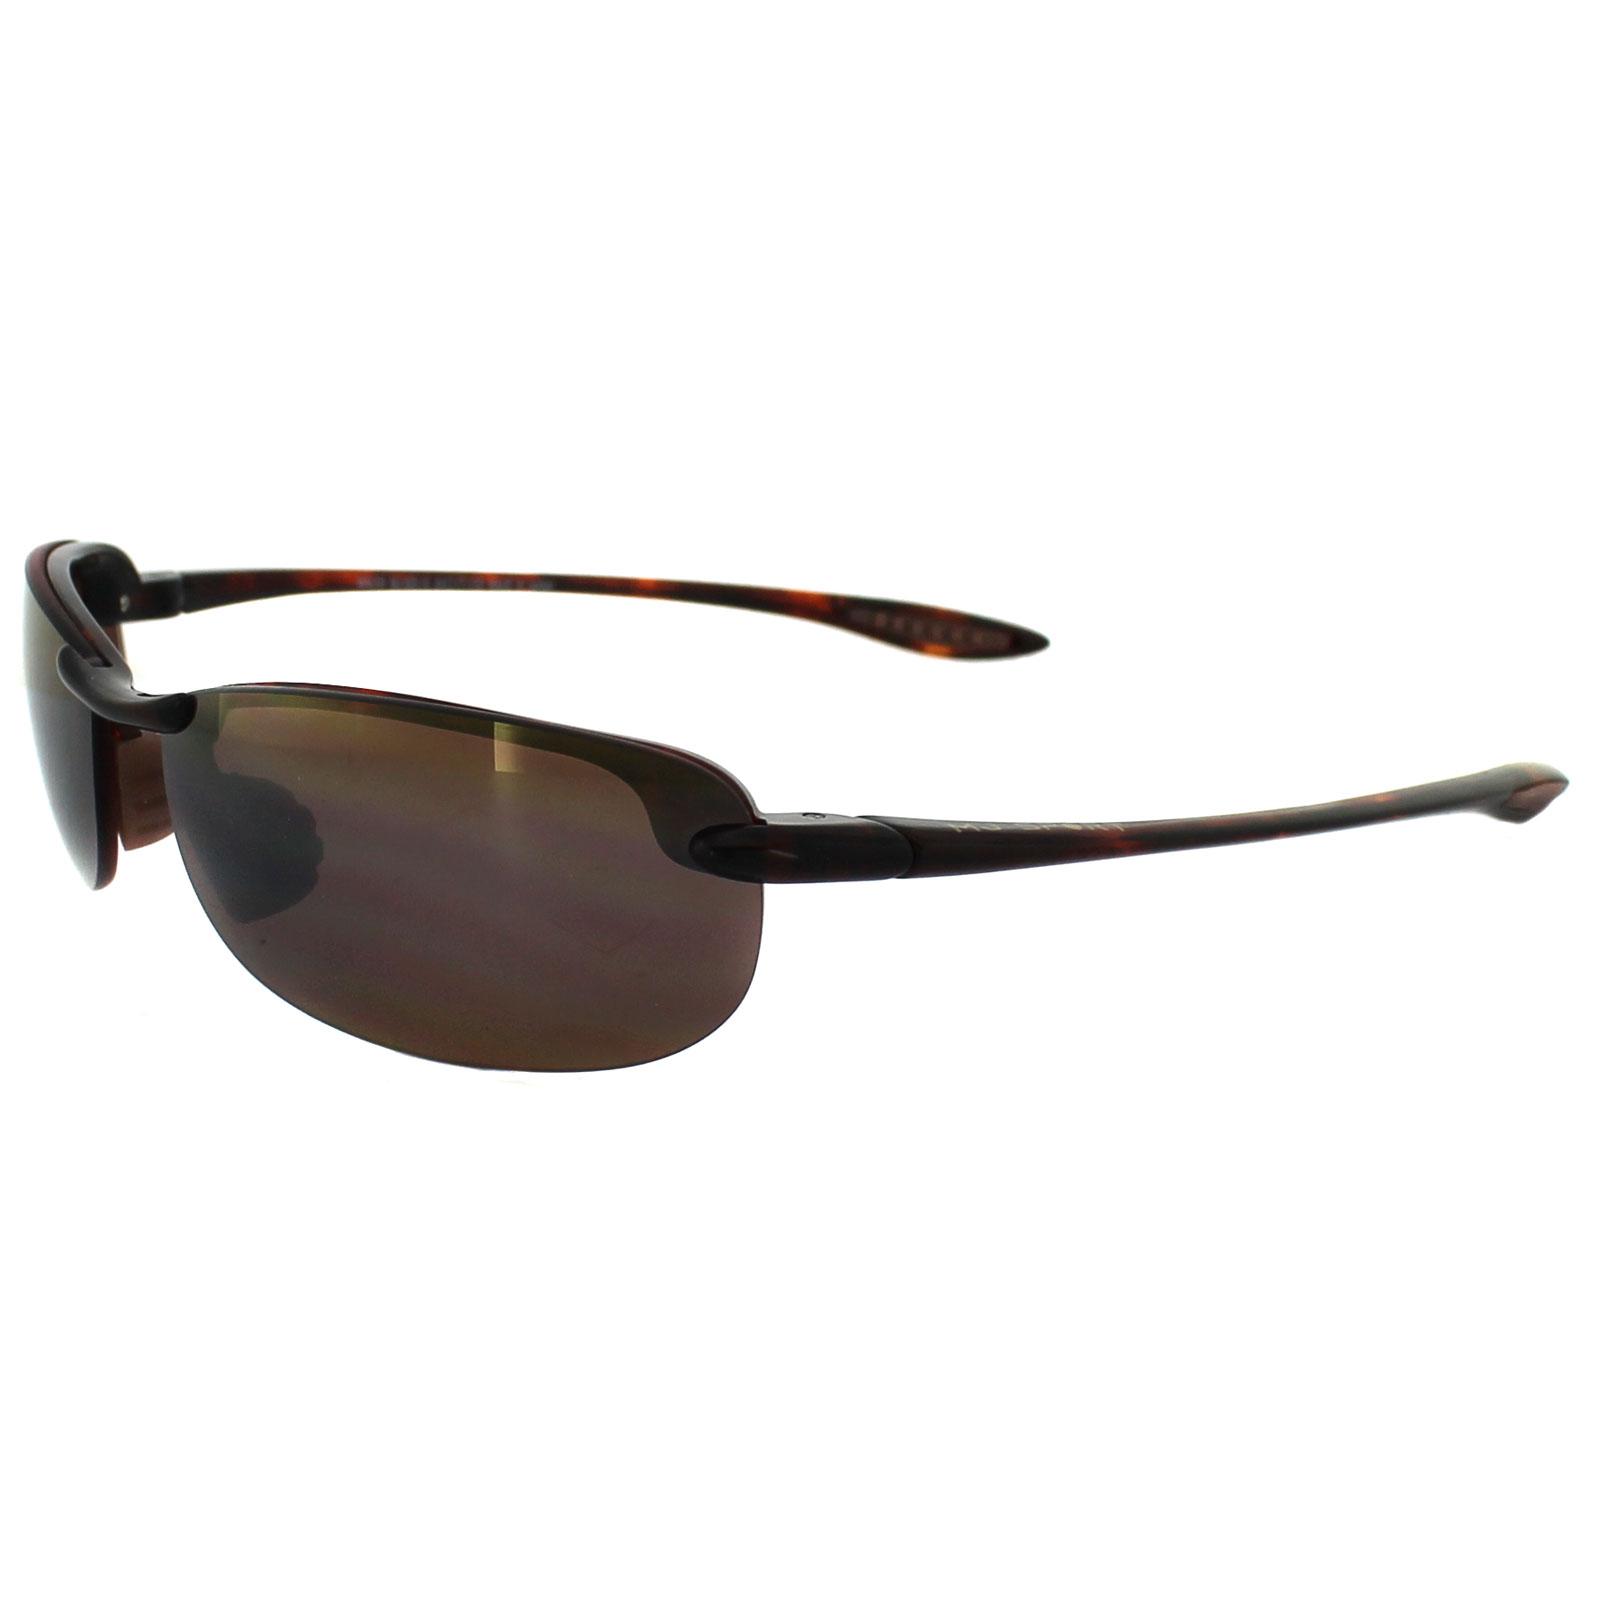 1ad651d3cf3d Maui Jim Sunglasses Makaha H405-10 Tortoise Bronze Polarized Thumbnail 1 ...